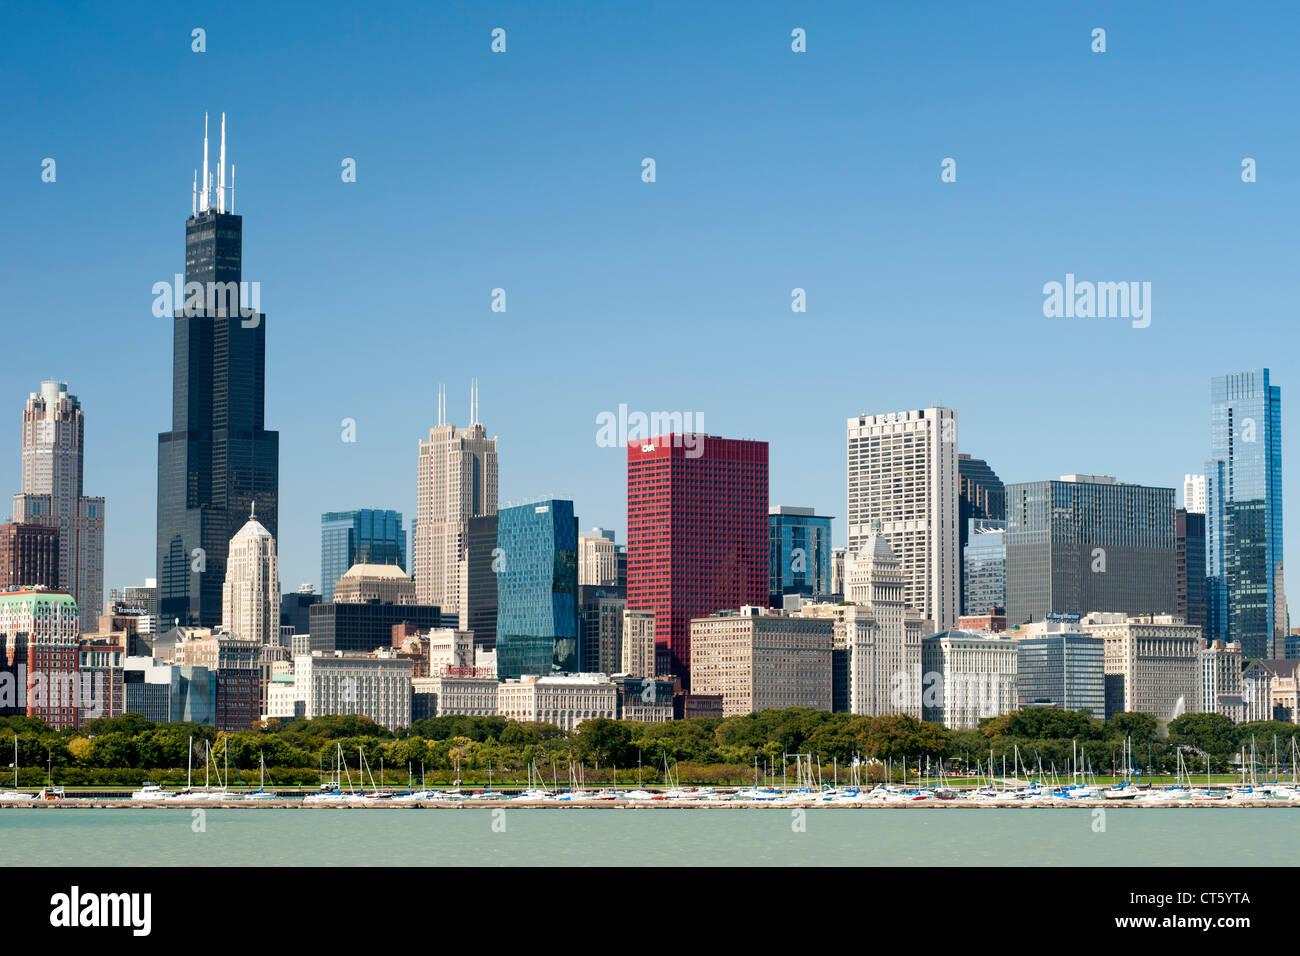 La ciudad de Chicago con el puerto de Chicago y el Lago Michigan en primer plano. Imagen De Stock